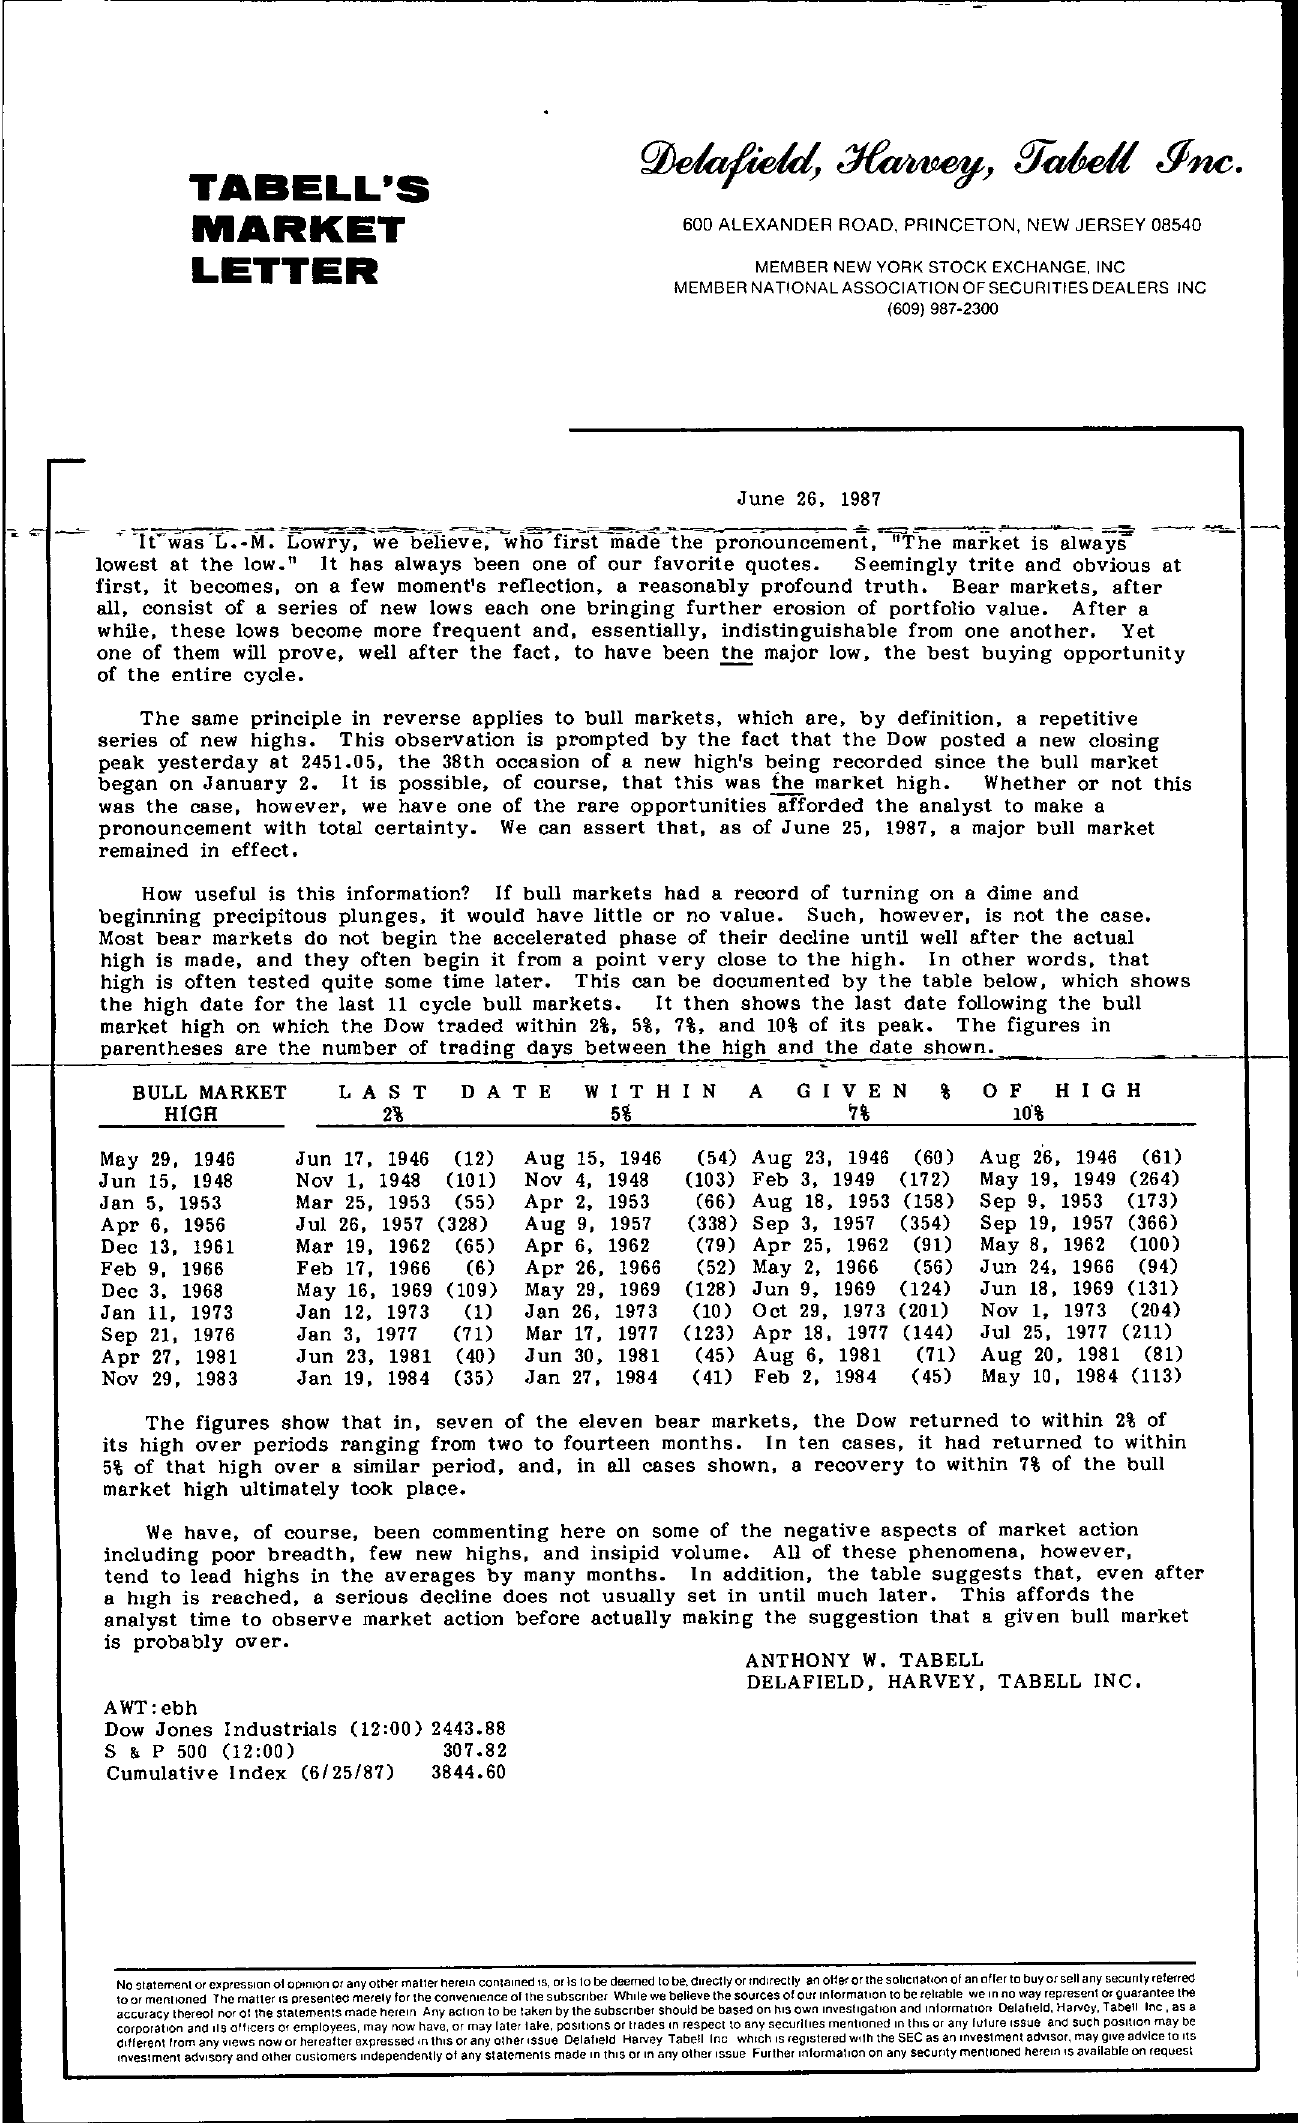 Tabell's Market Letter - June 26, 1987